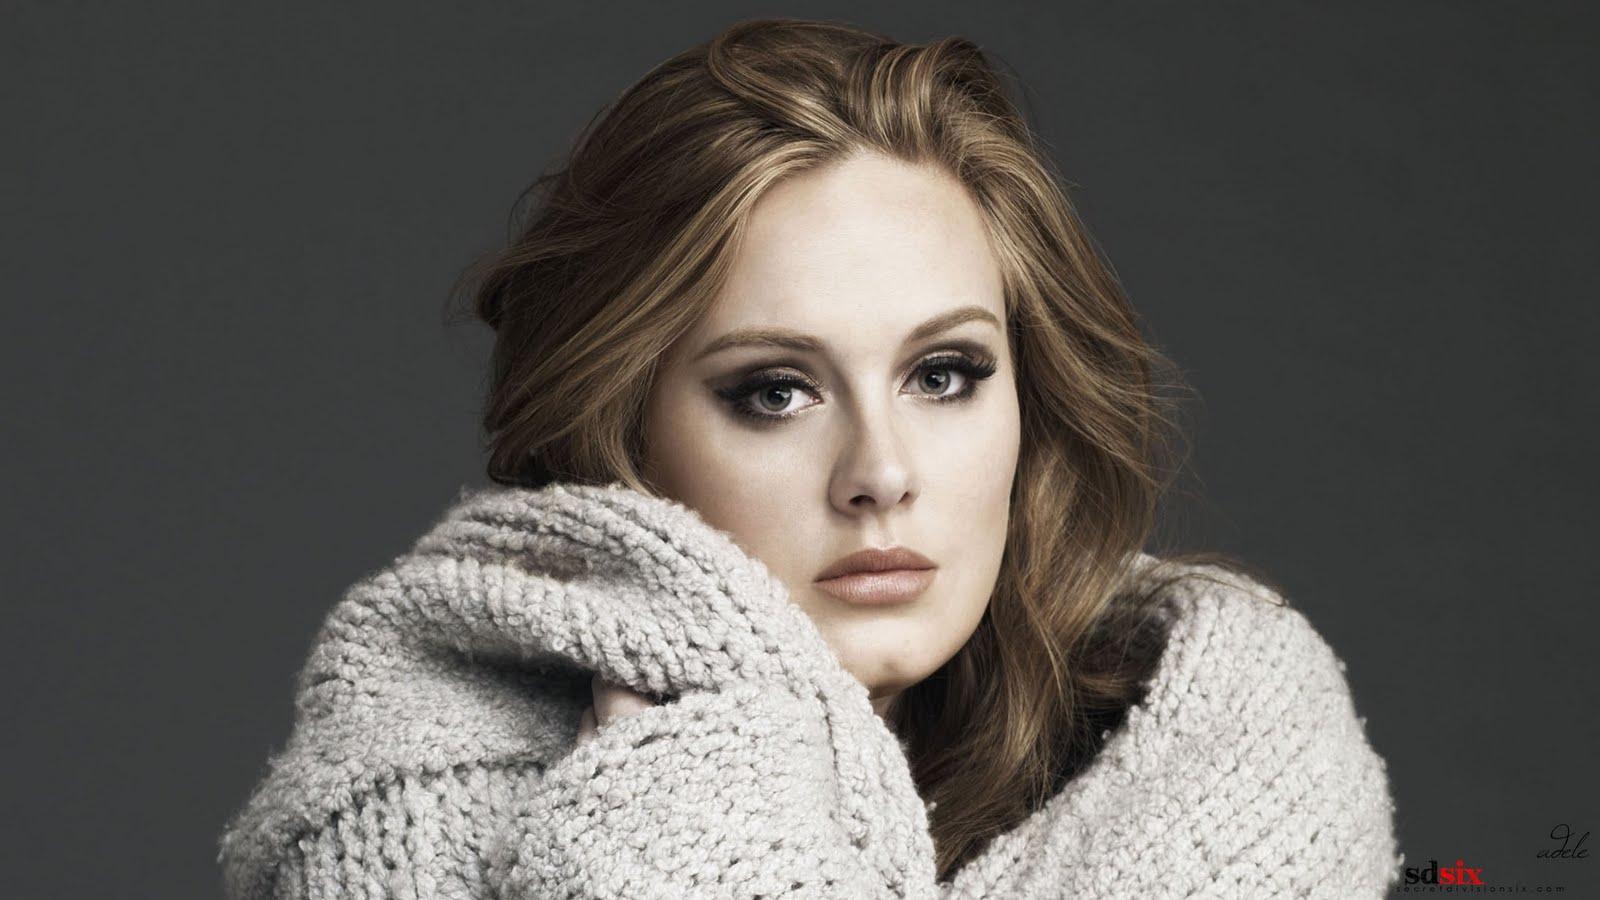 Adele Wallpaper